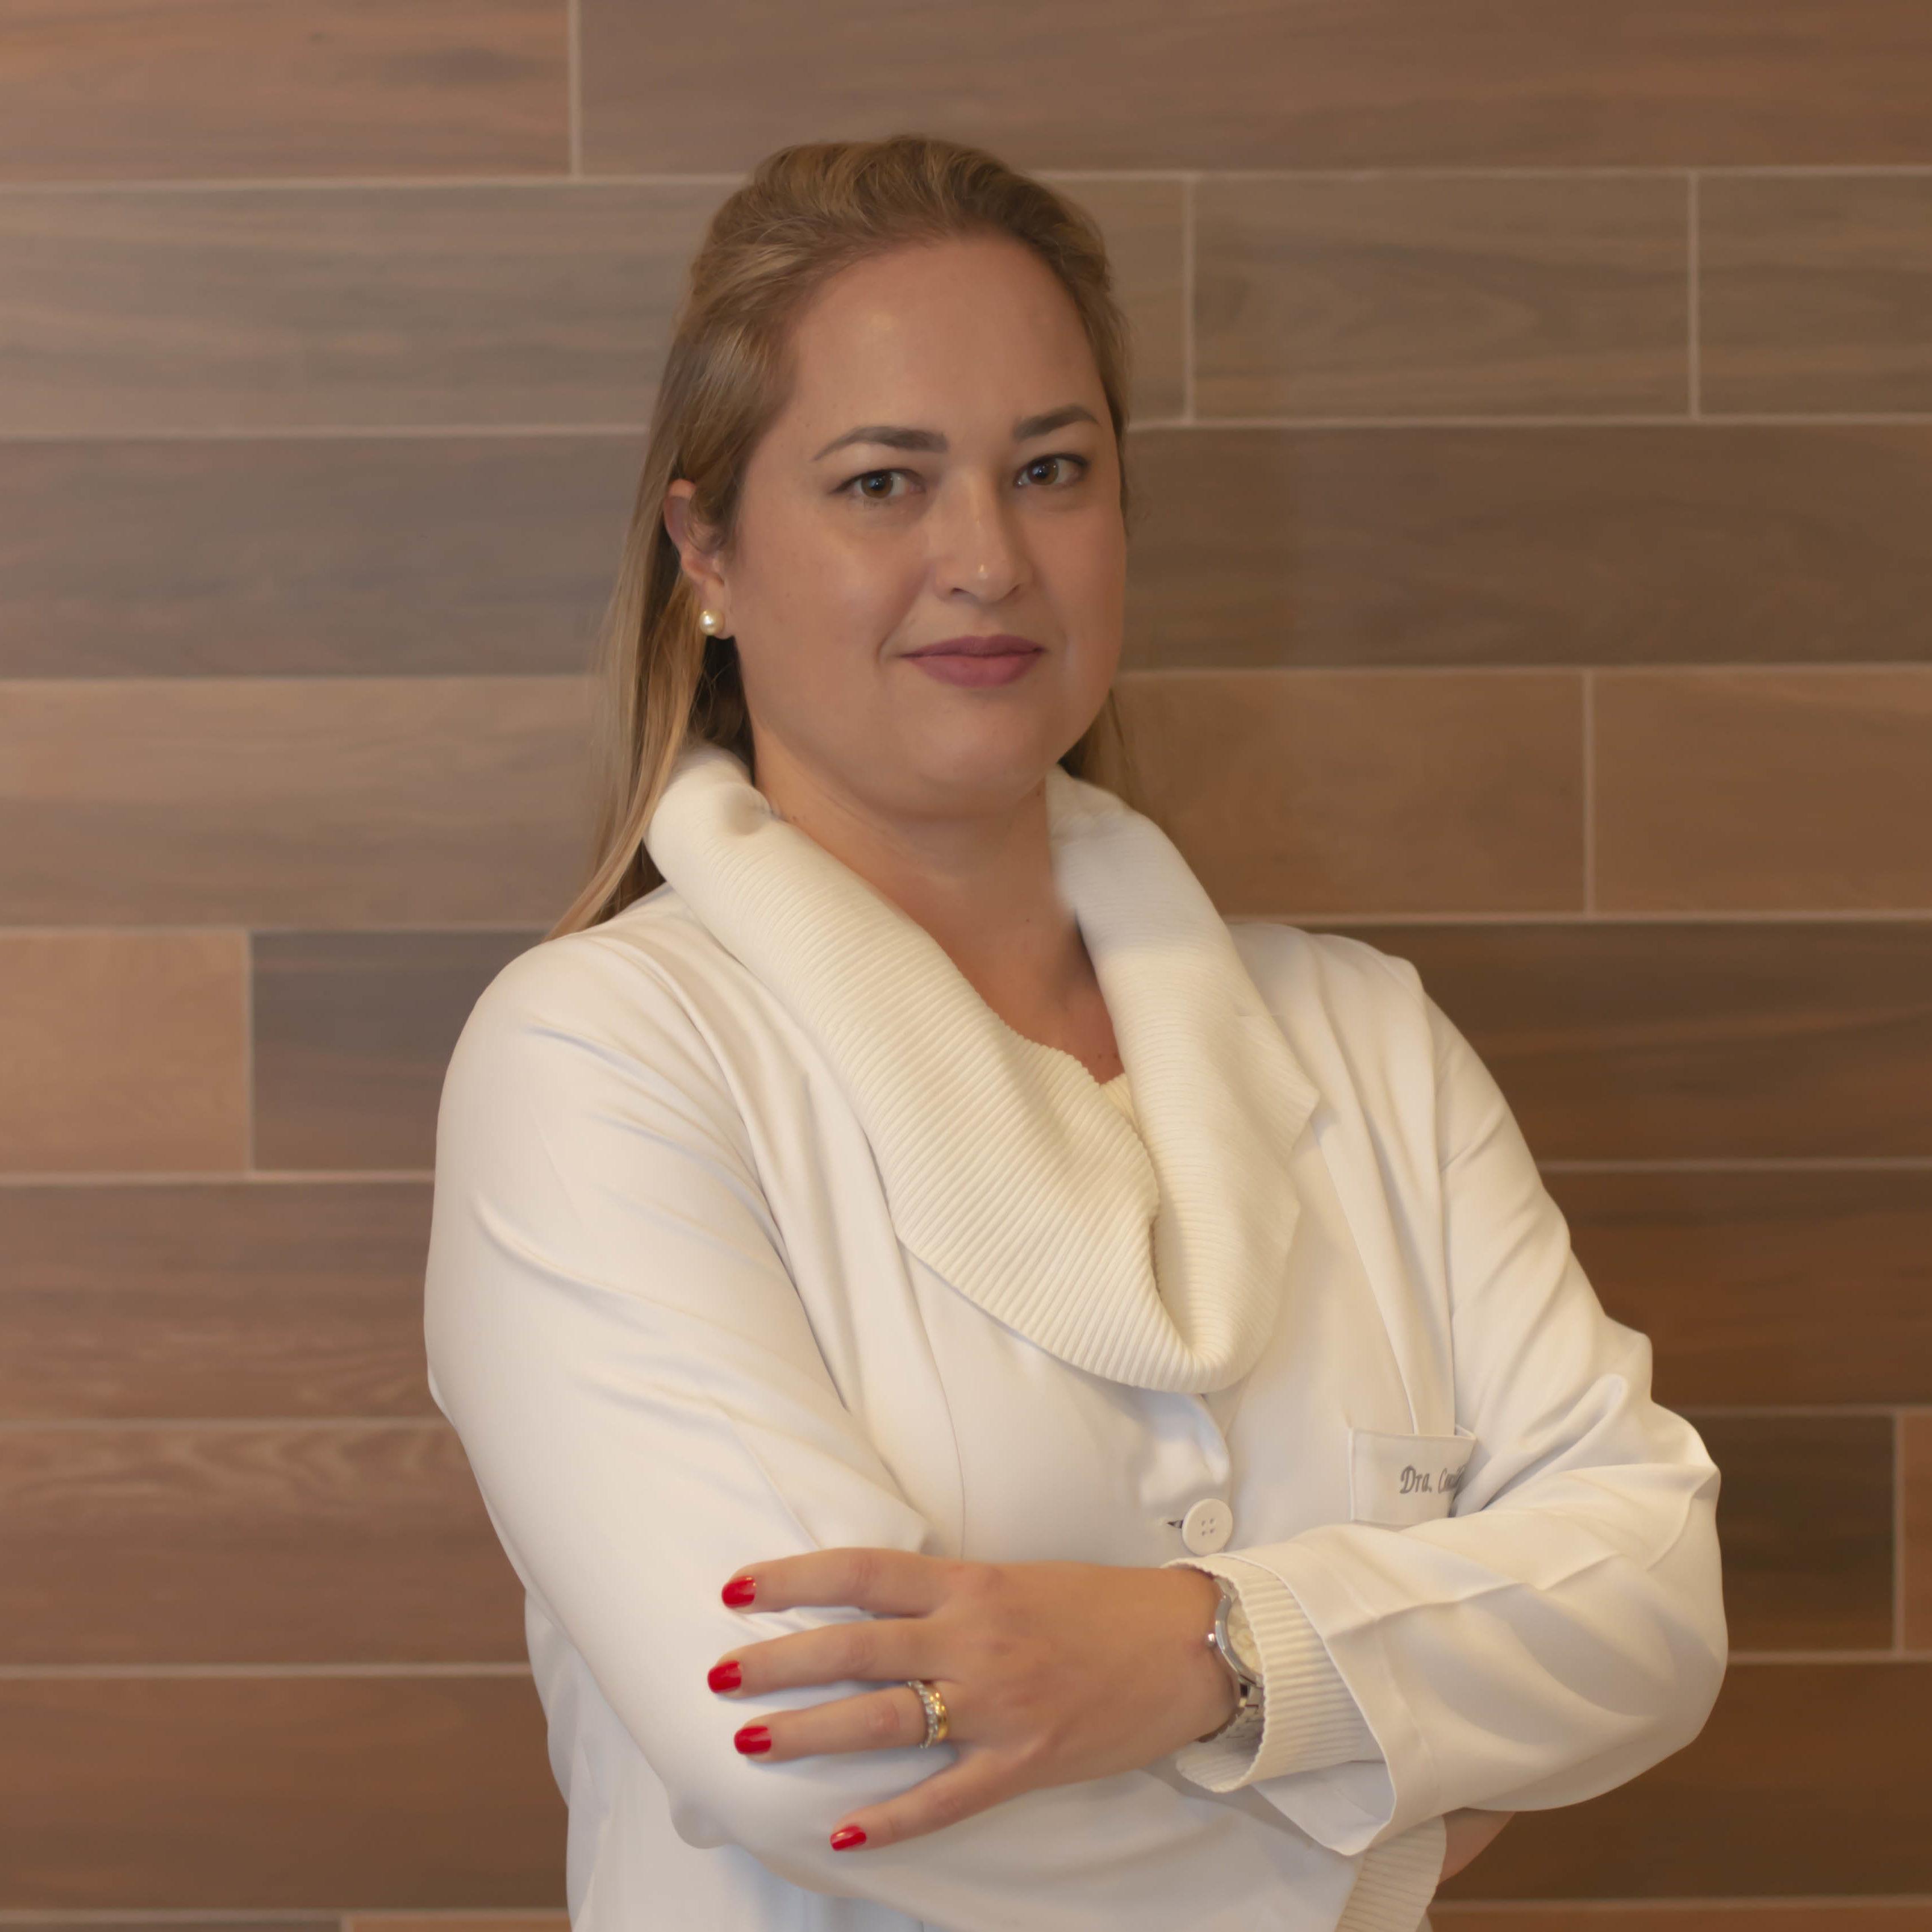 Dra. Camila Winckler